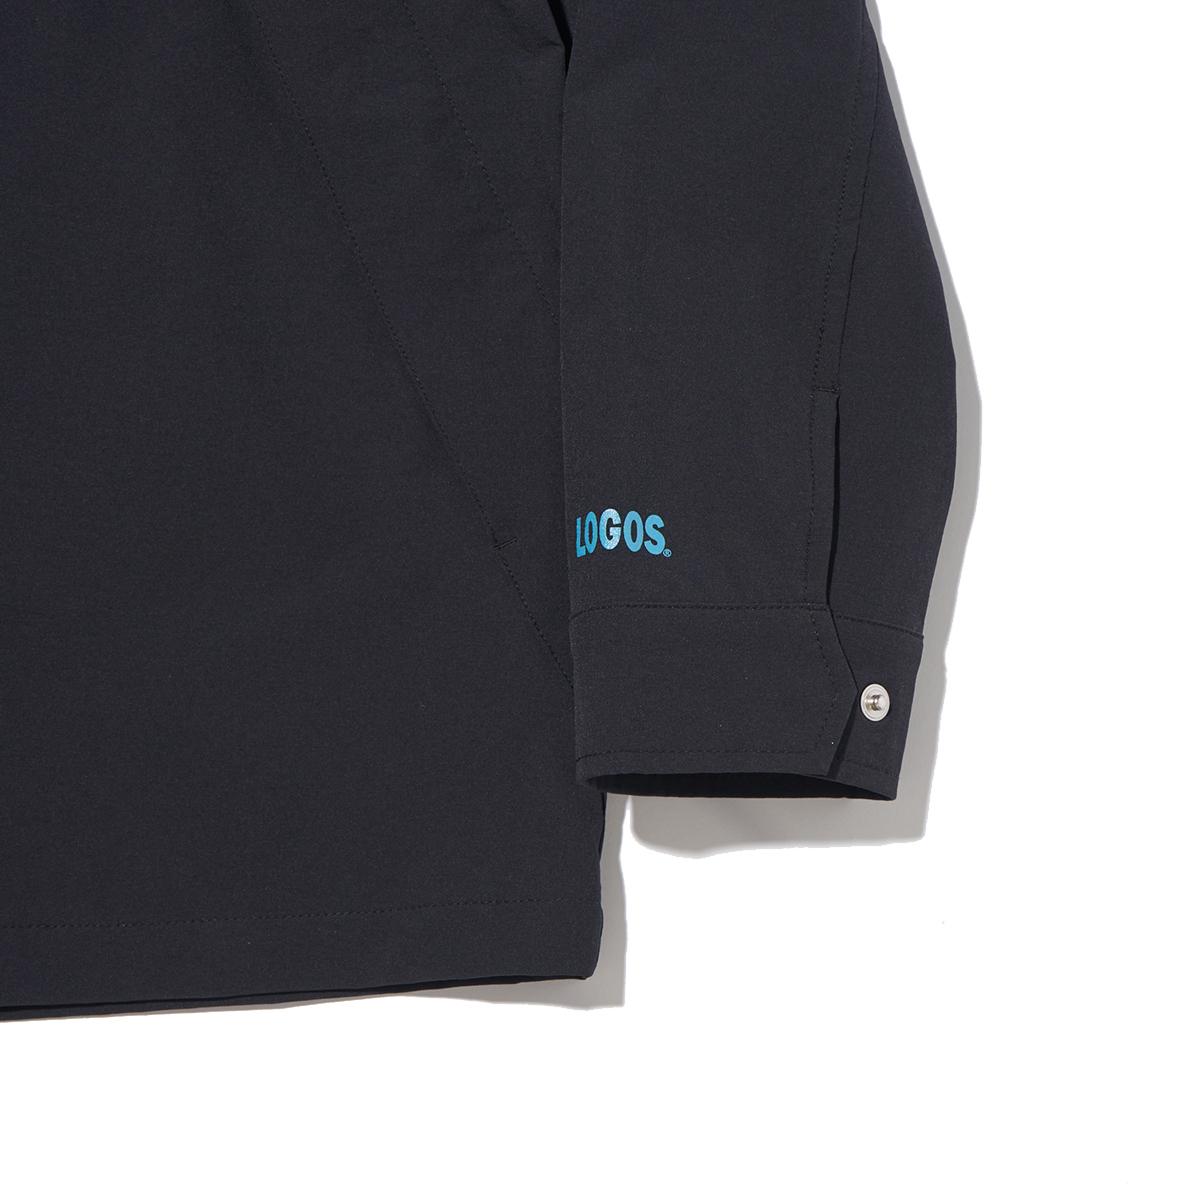 袖にはボタンと「LOGOS」のロゴ